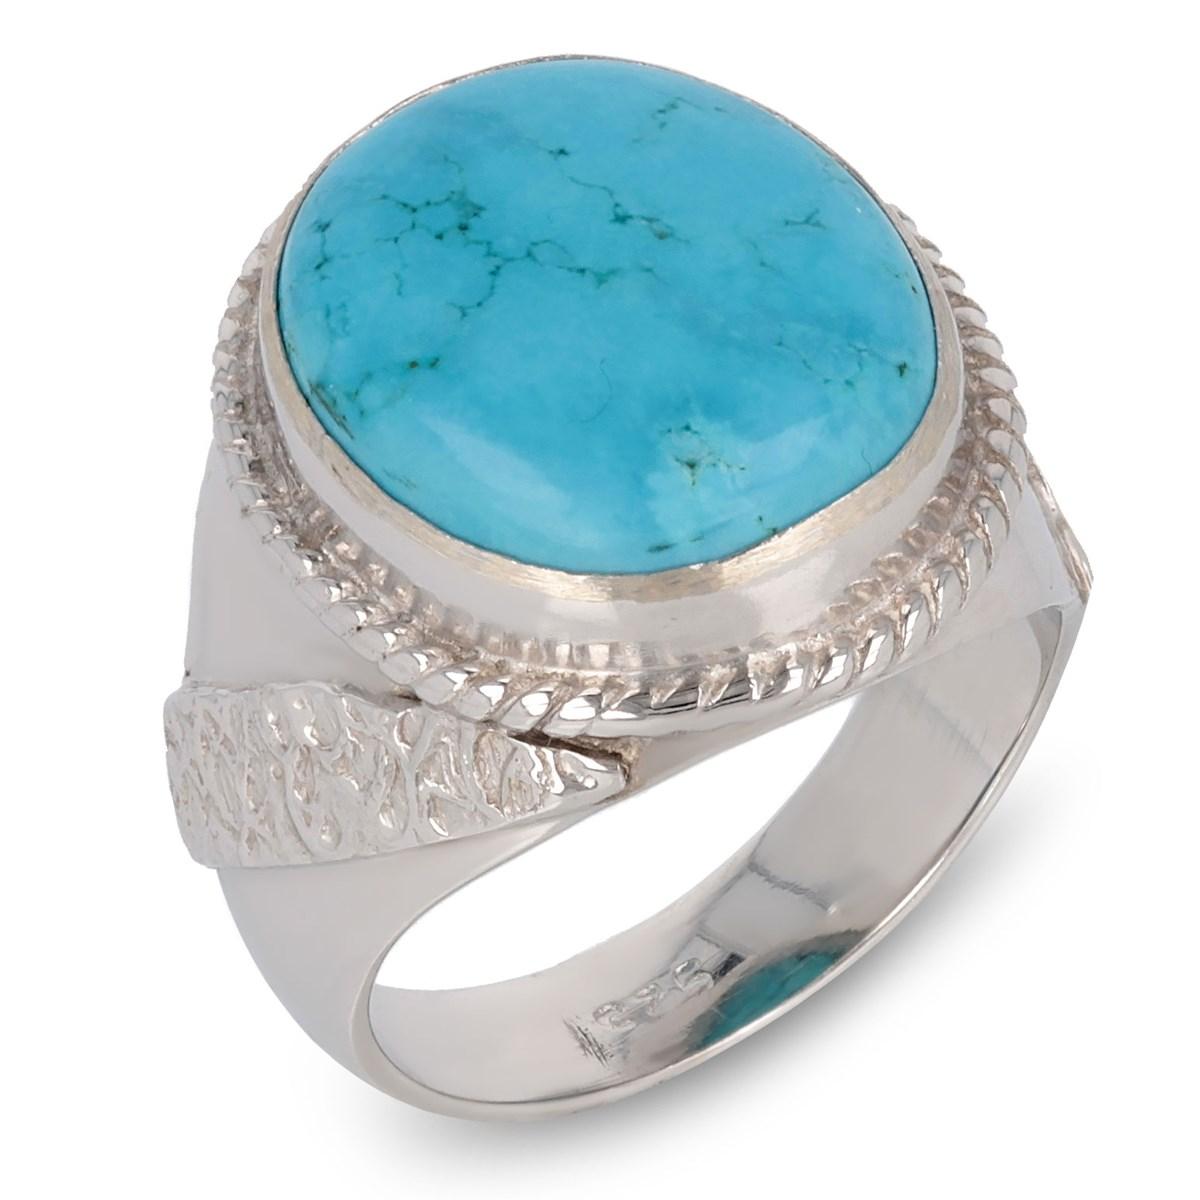 Bague style ethnique en pierre de turquoise sur anneau d argent dessiné sur  les côtés 0771ae79838b